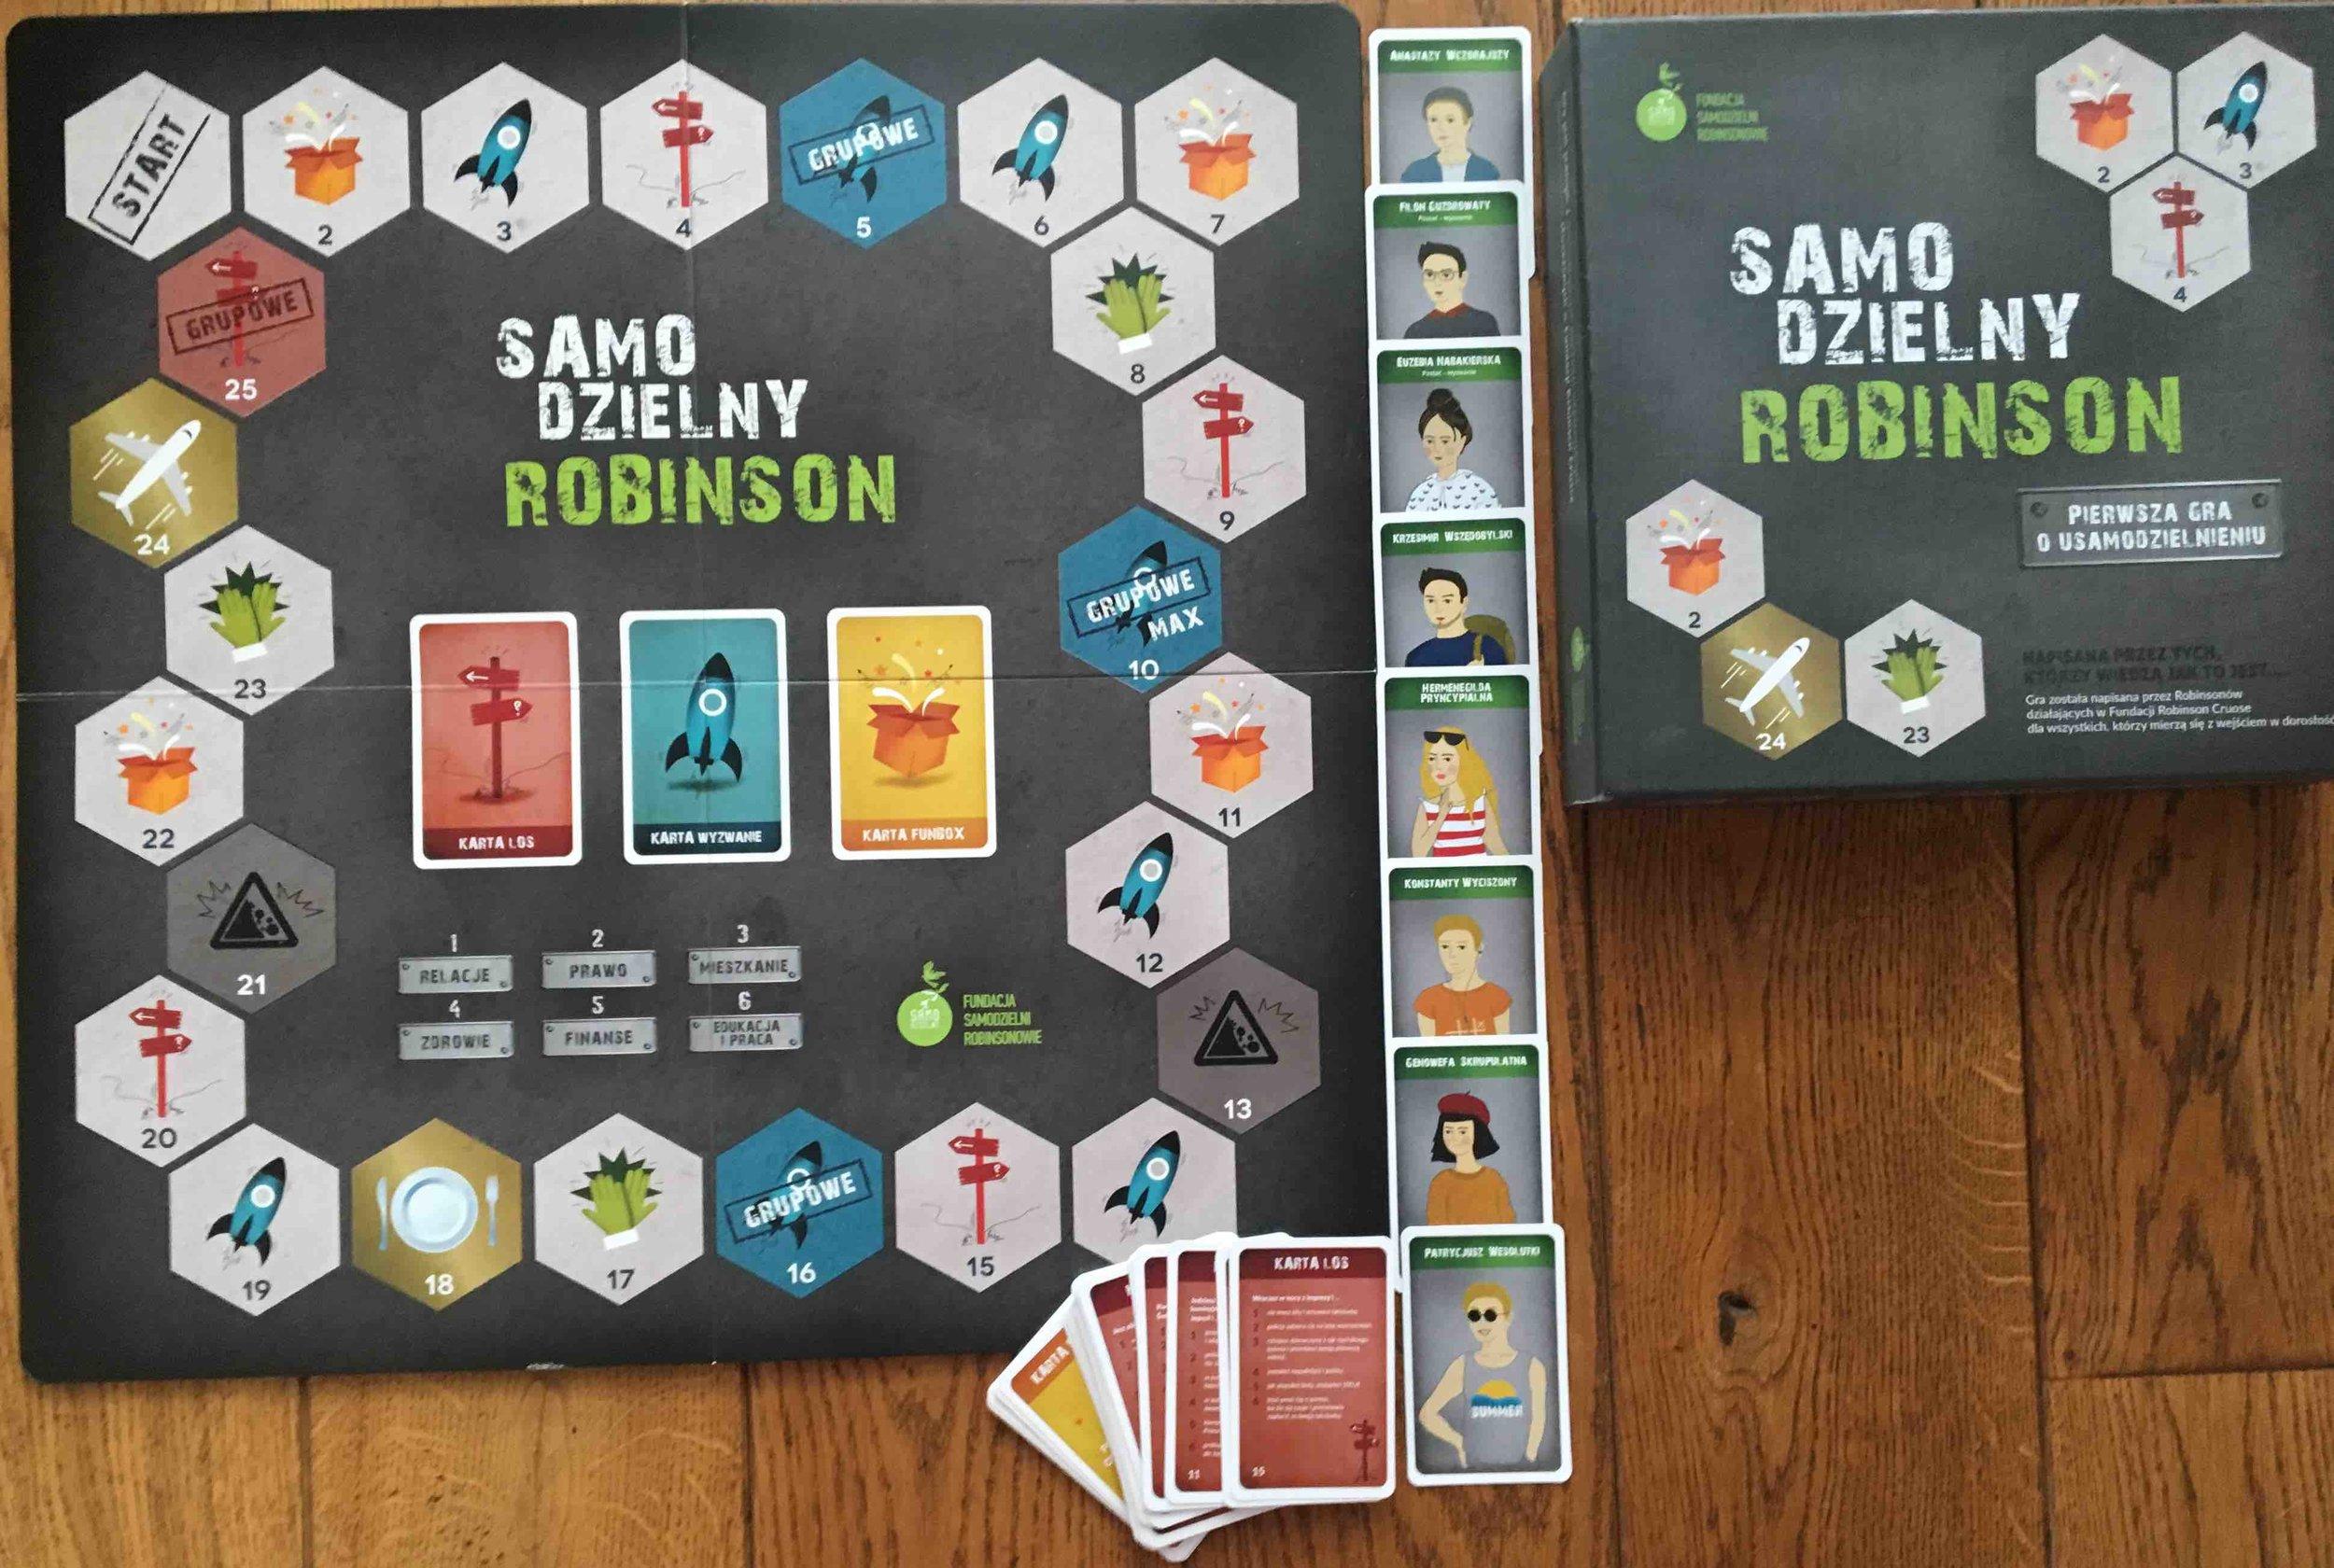 Gra Samodzielny Robinson plansza kart Pudelko.jpg